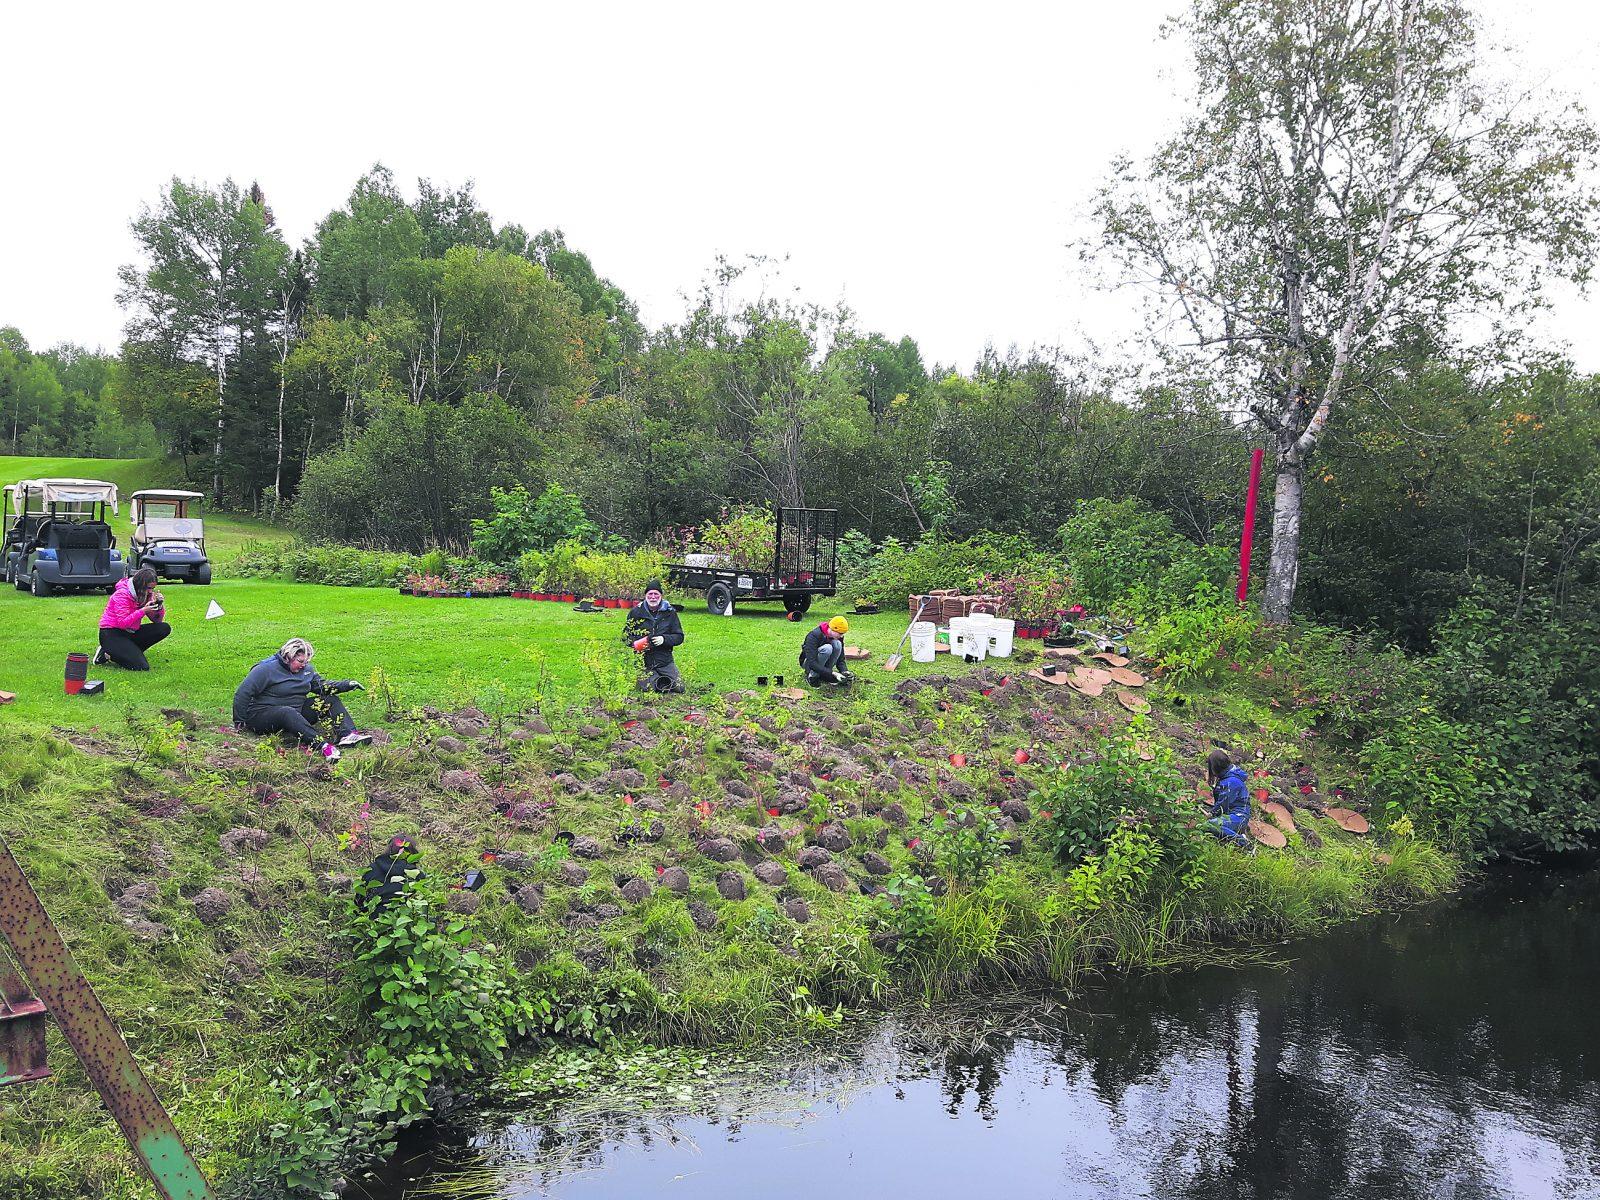 Végétalisation d'une bande riveraine – L'OBVM et des jeunes du secondaire plantent 500 arbustes